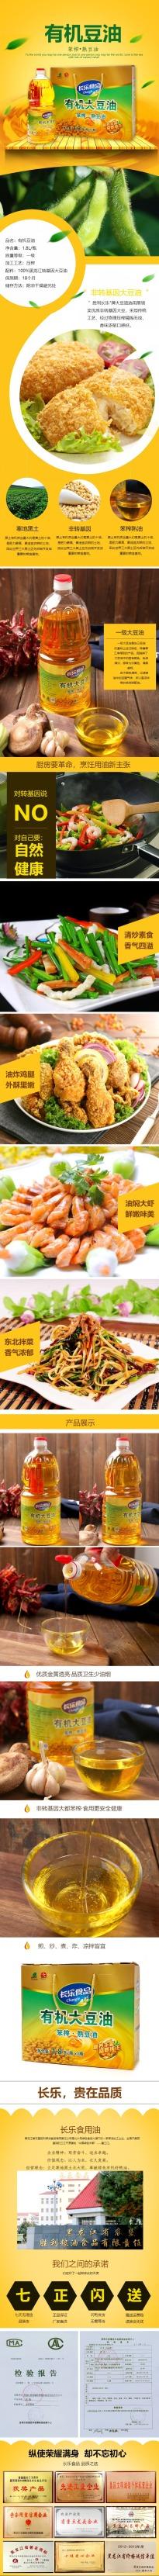 清新简约百货零售粮油副食豆油促销电商详情页